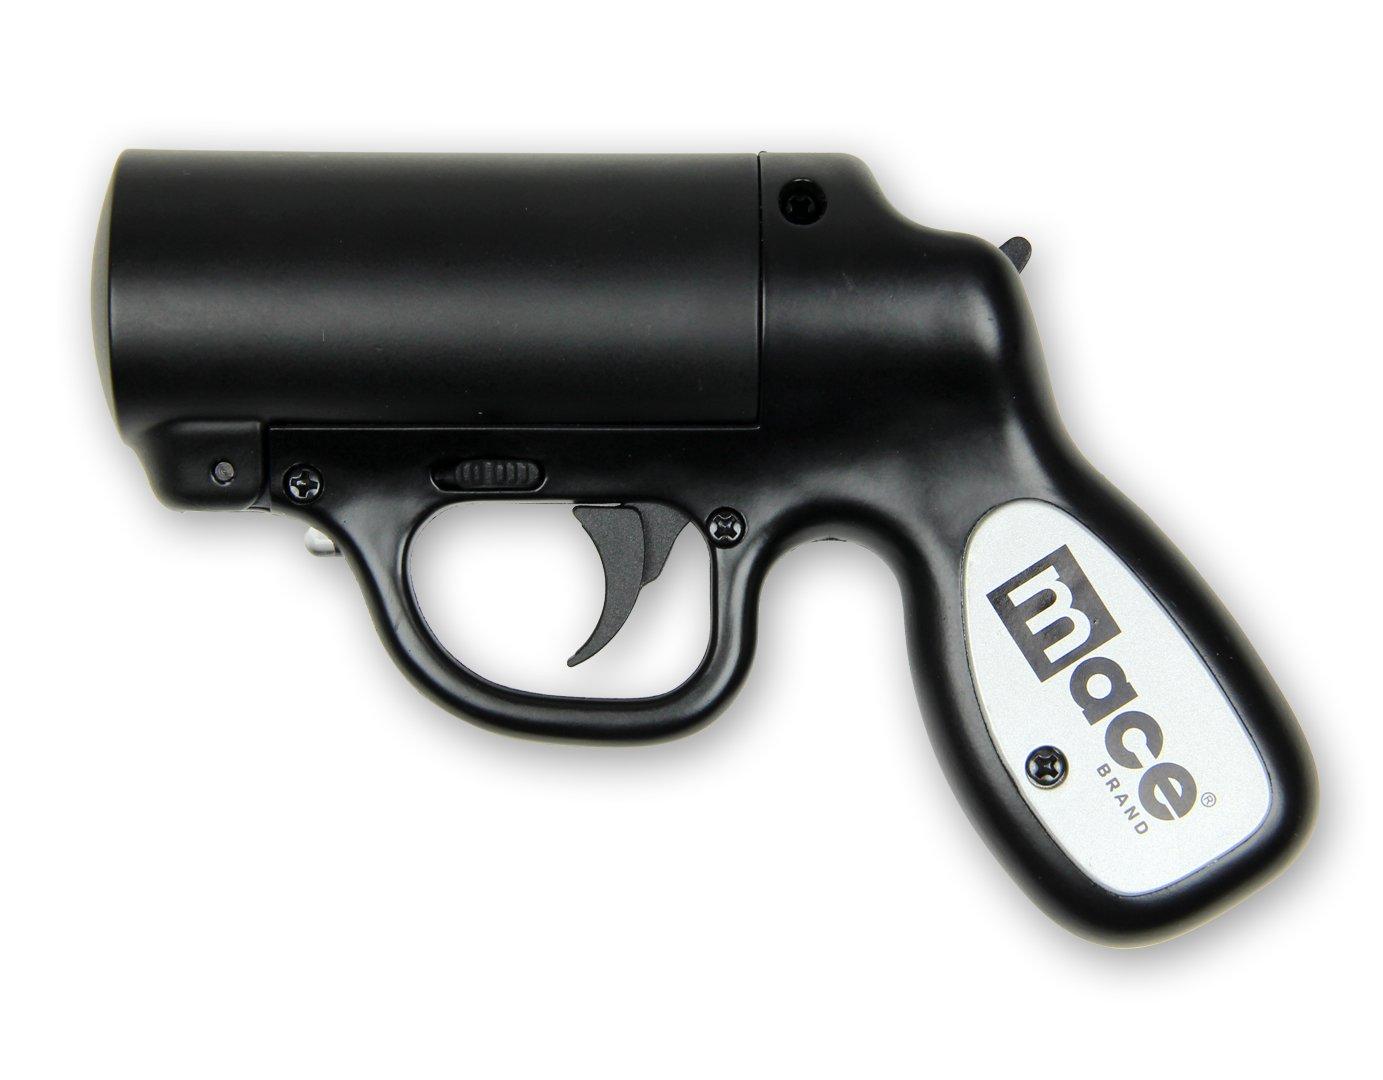 Mace Pepper-Gun / Pfefferspray-Pistole / Reizstoff-Pistole mit Strobe LED-Blitzlicht - In Schwarz - Nachfüllbar - Made in USA